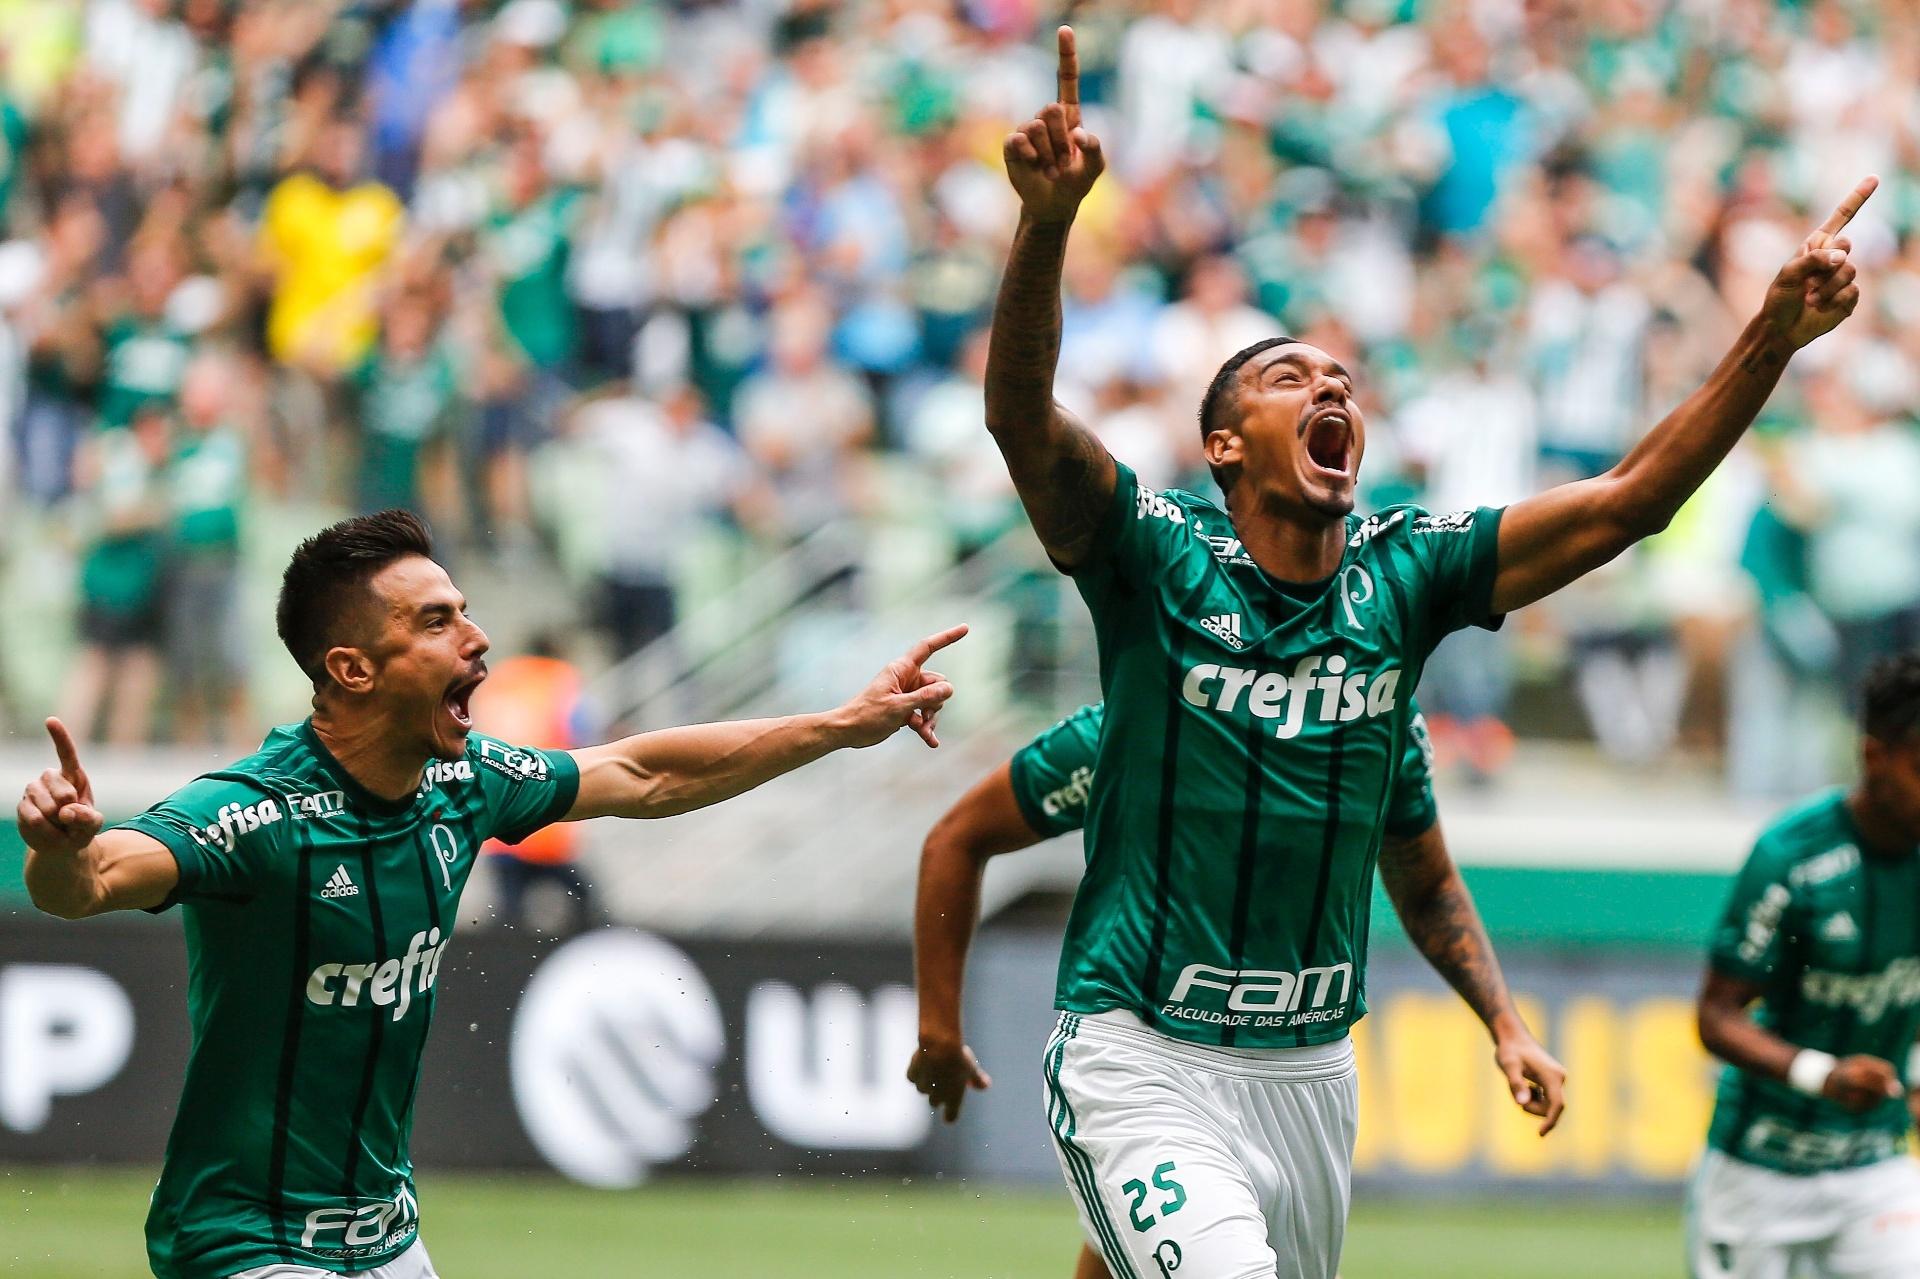 Assista aos gols deste domingo nos Estaduais do Rio e de SP - 04 02 2018 -  UOL Esporte b799101a4de26